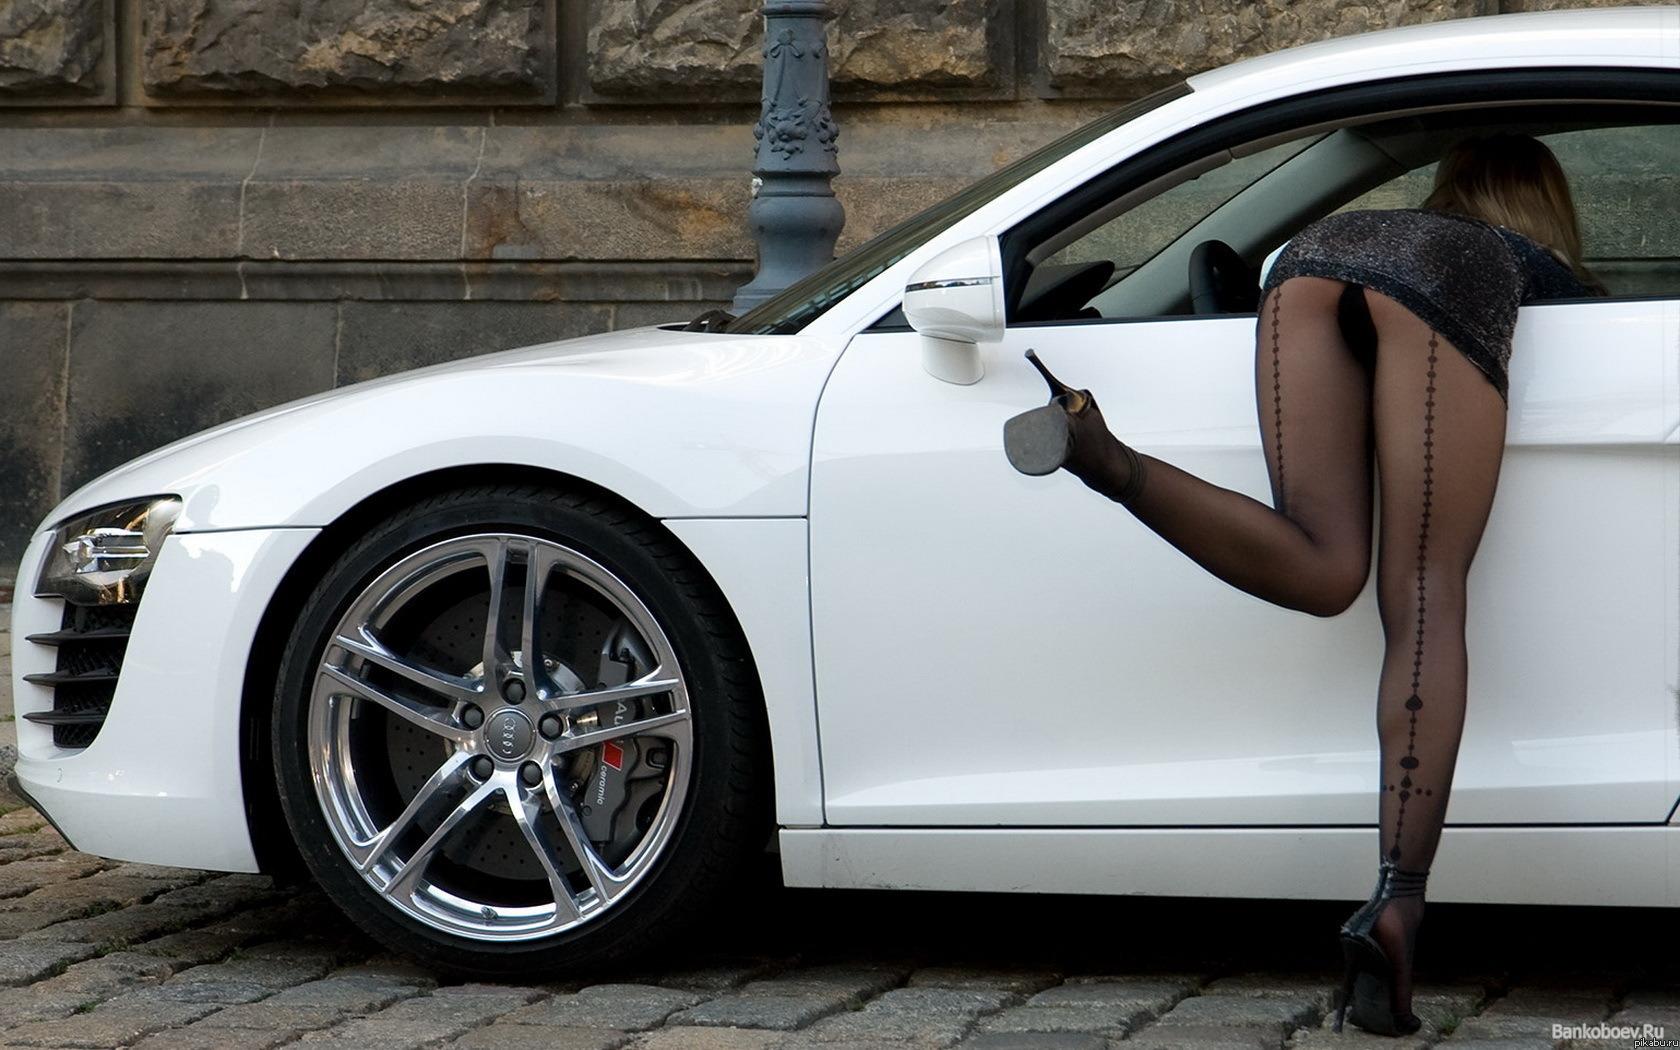 Сексуальная брюнетка на шпильке за рулем автомобиля 16 фотография